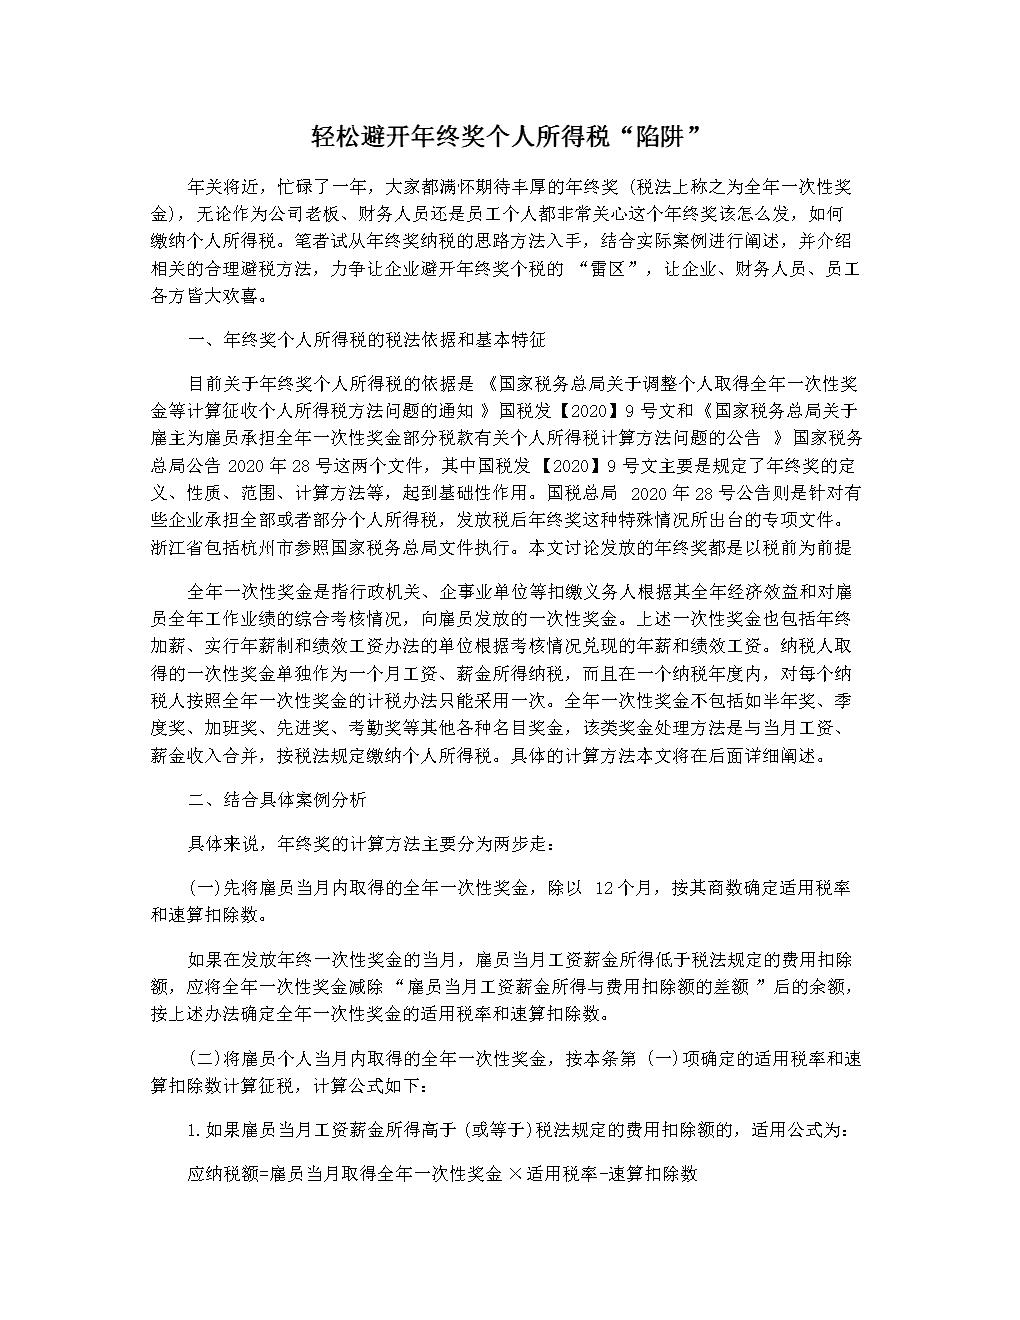 """轻松避开年终奖个人所得税""""陷阱"""".docx"""